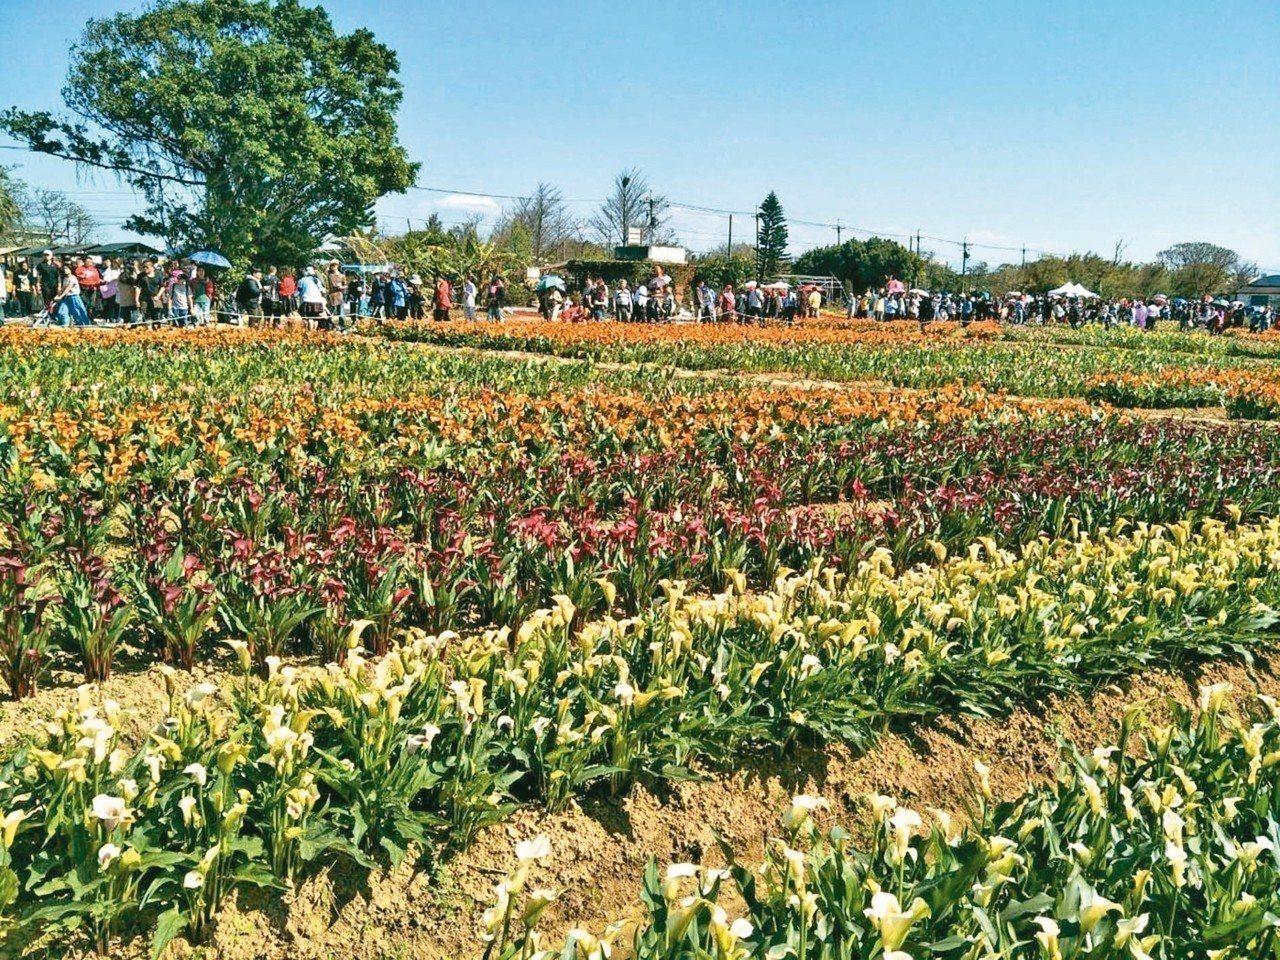 桃園市大園區溪海休閒農業區去年舉辦彩色海芋節,五顏六色的海芋盛開十分美麗,吸引大...